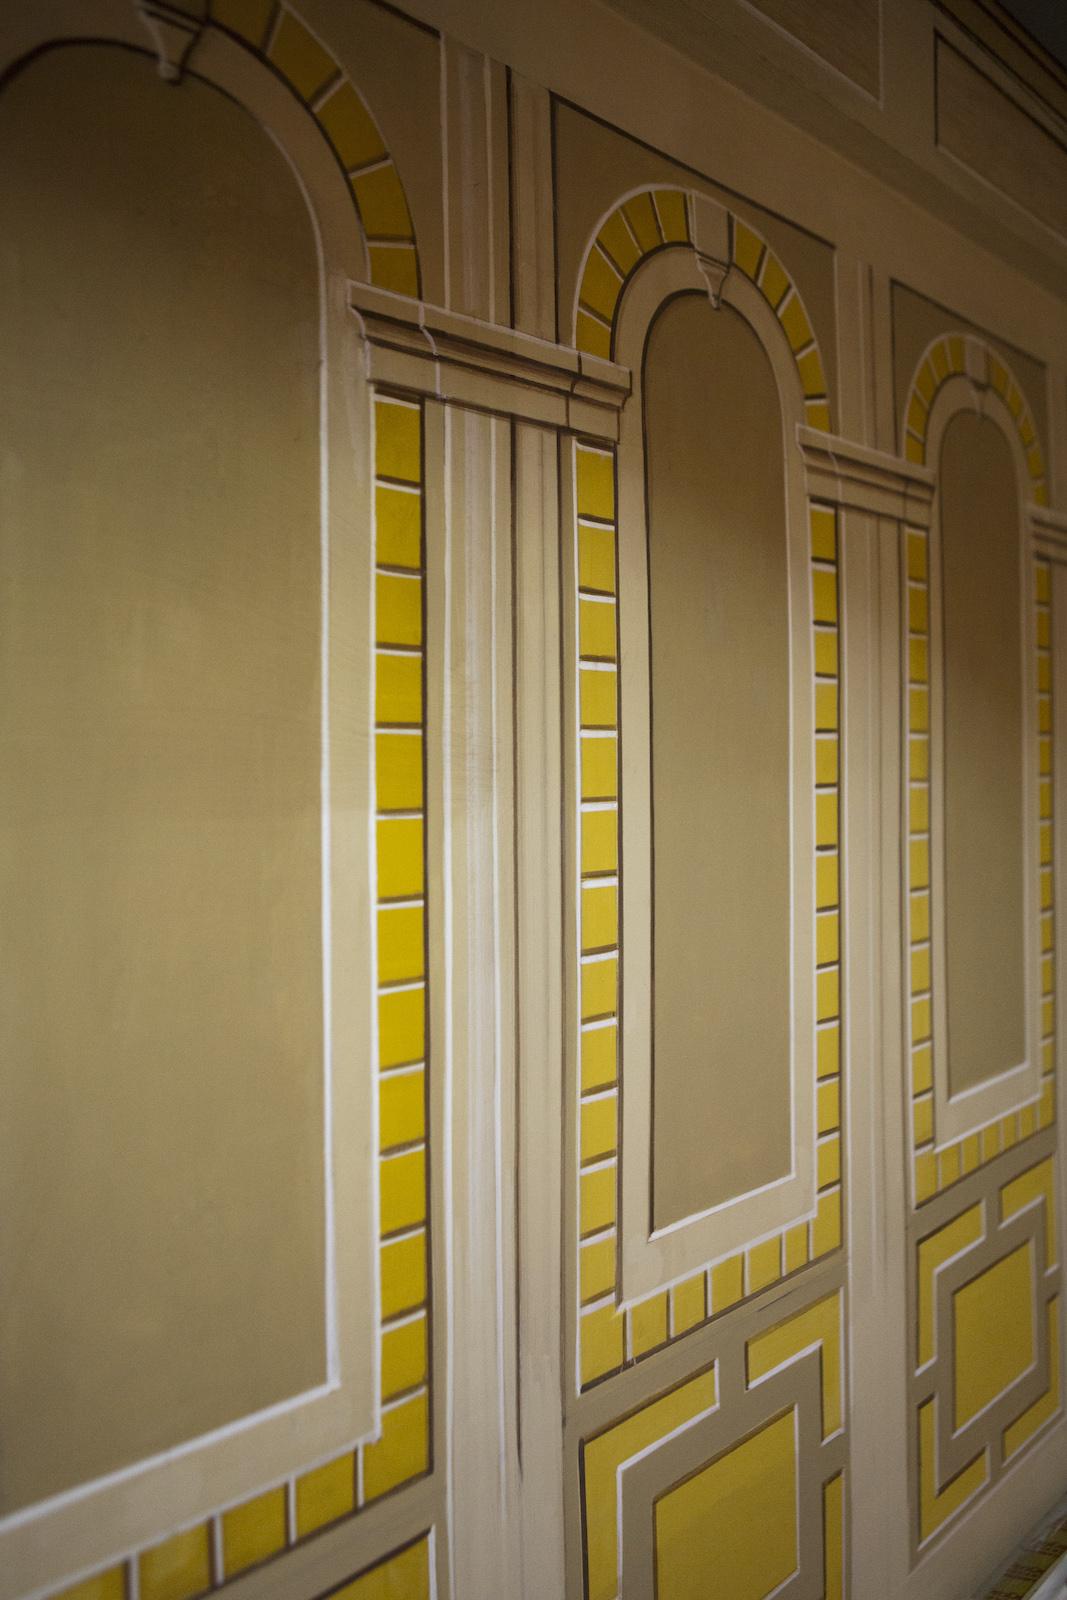 Yellow brick patterns on a wall